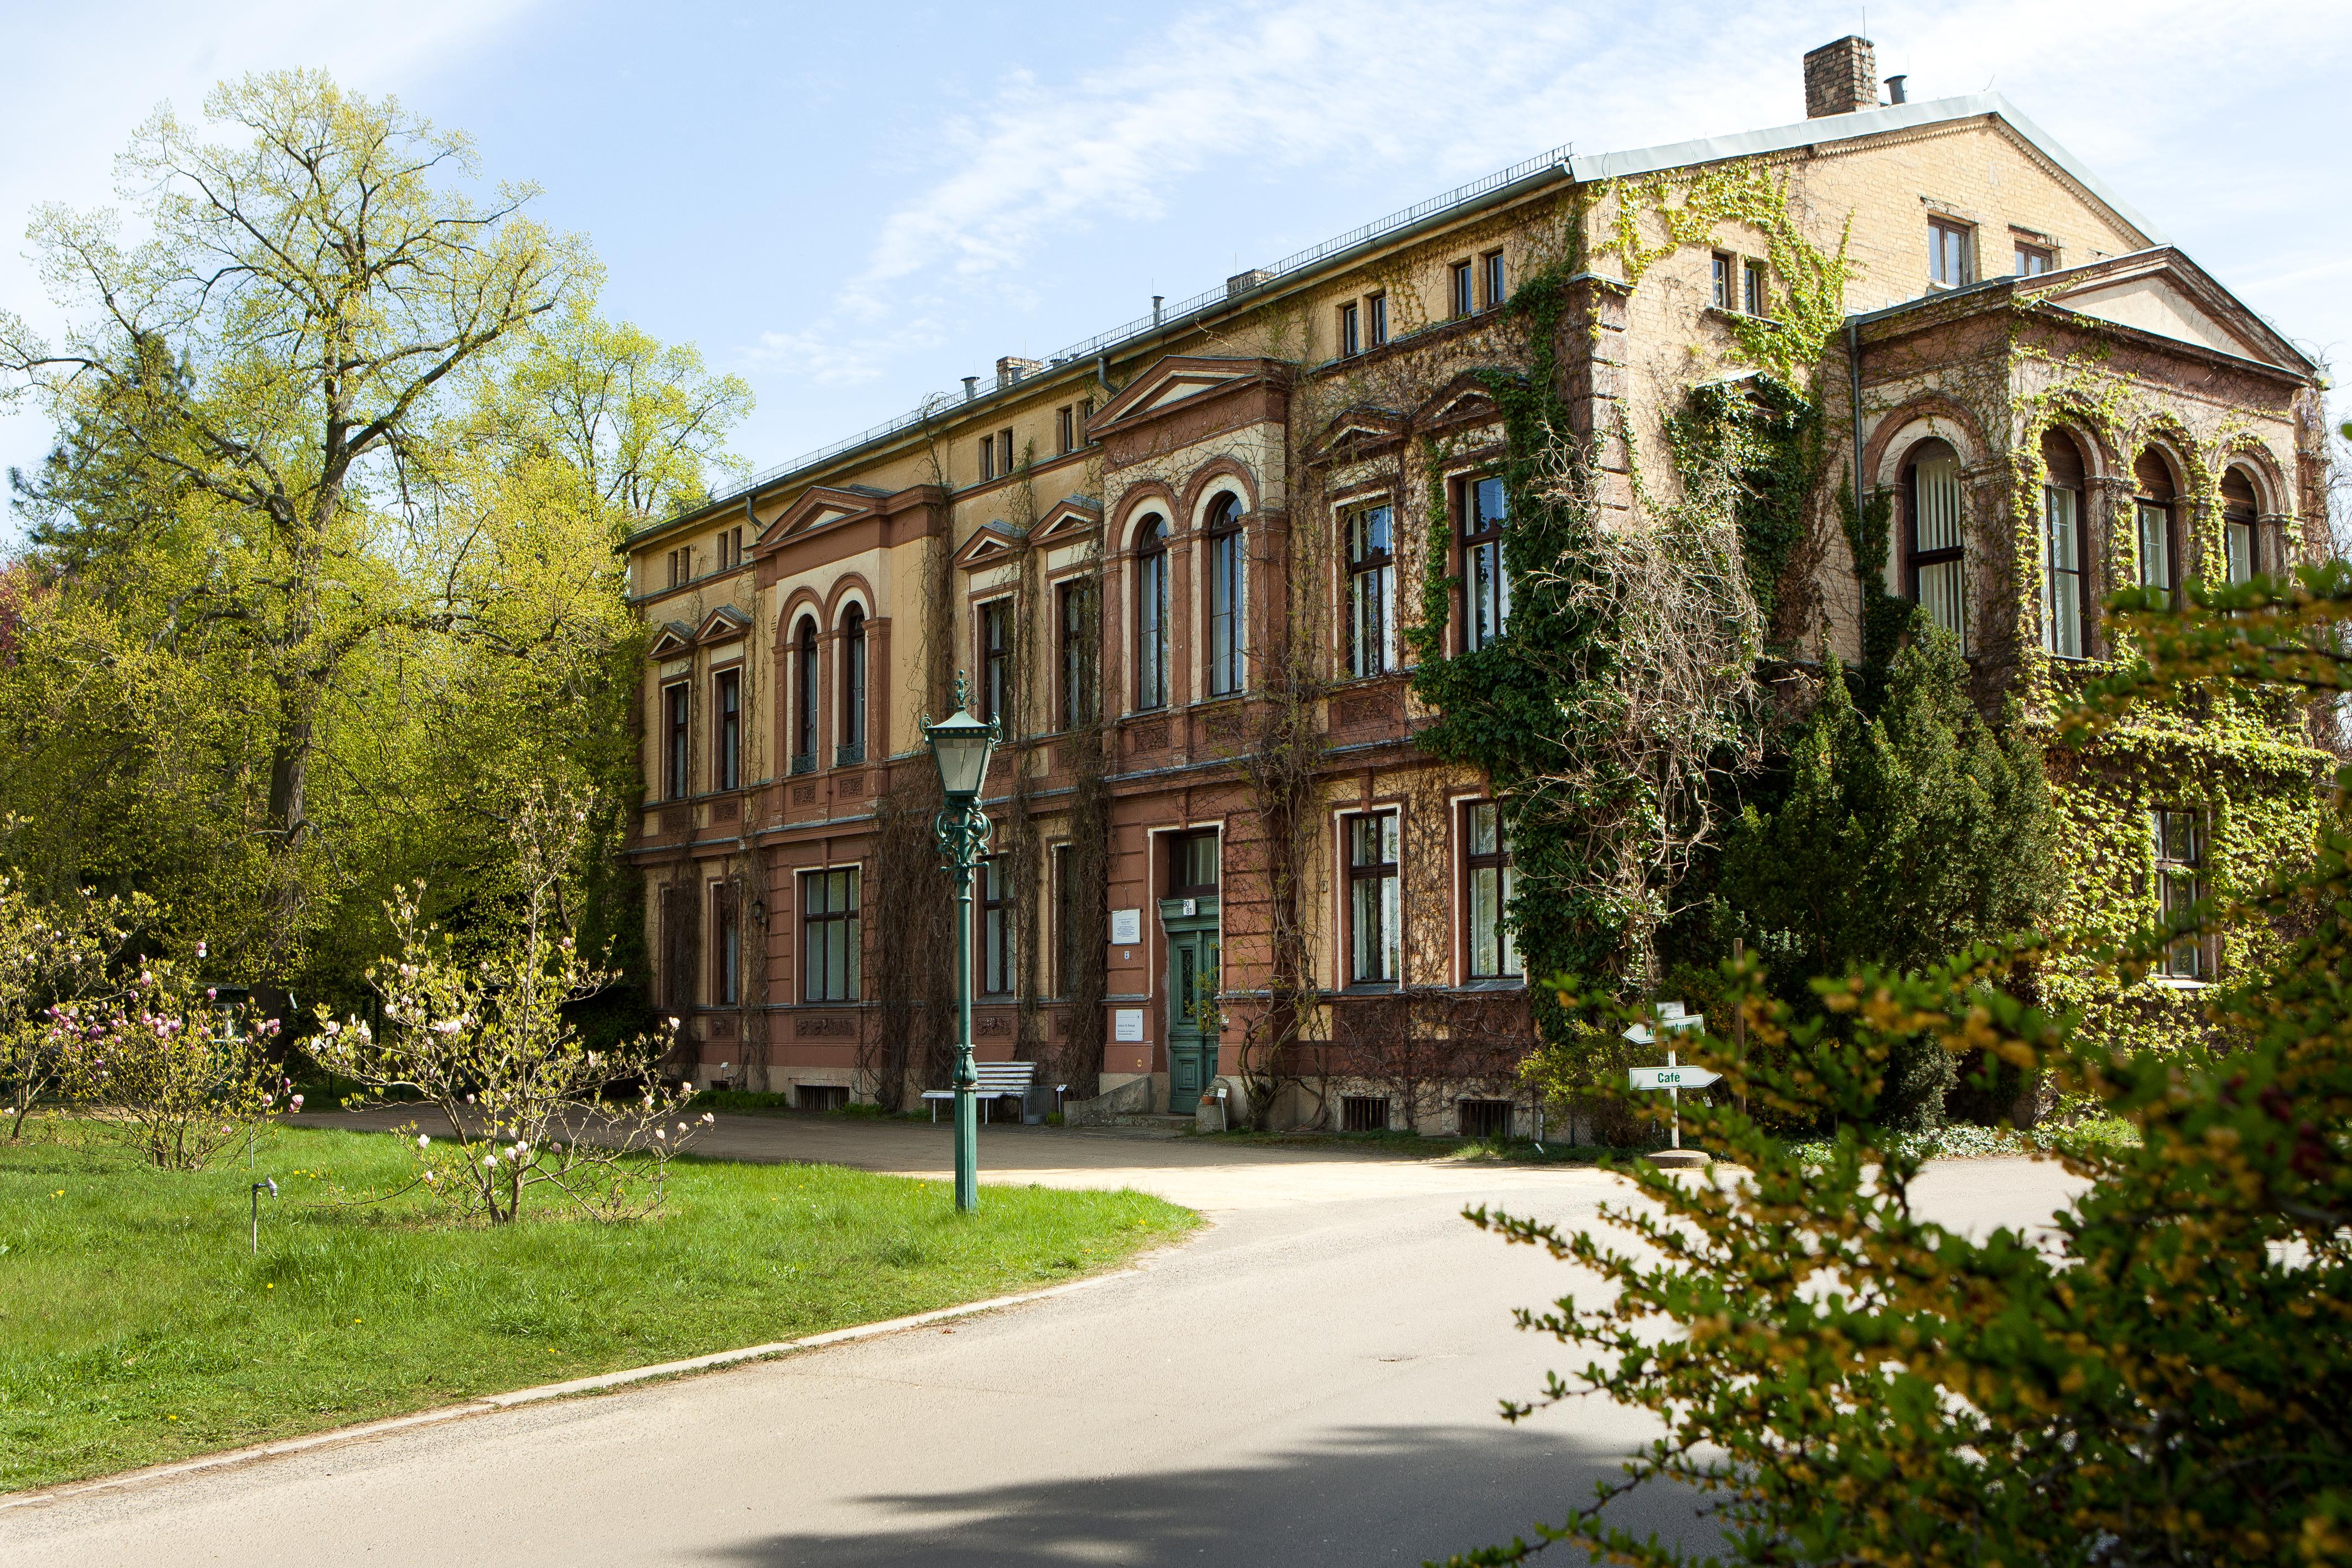 Späth'sche Baumschulen: Historisches Herrenhaus von 1874, 13,9 MB